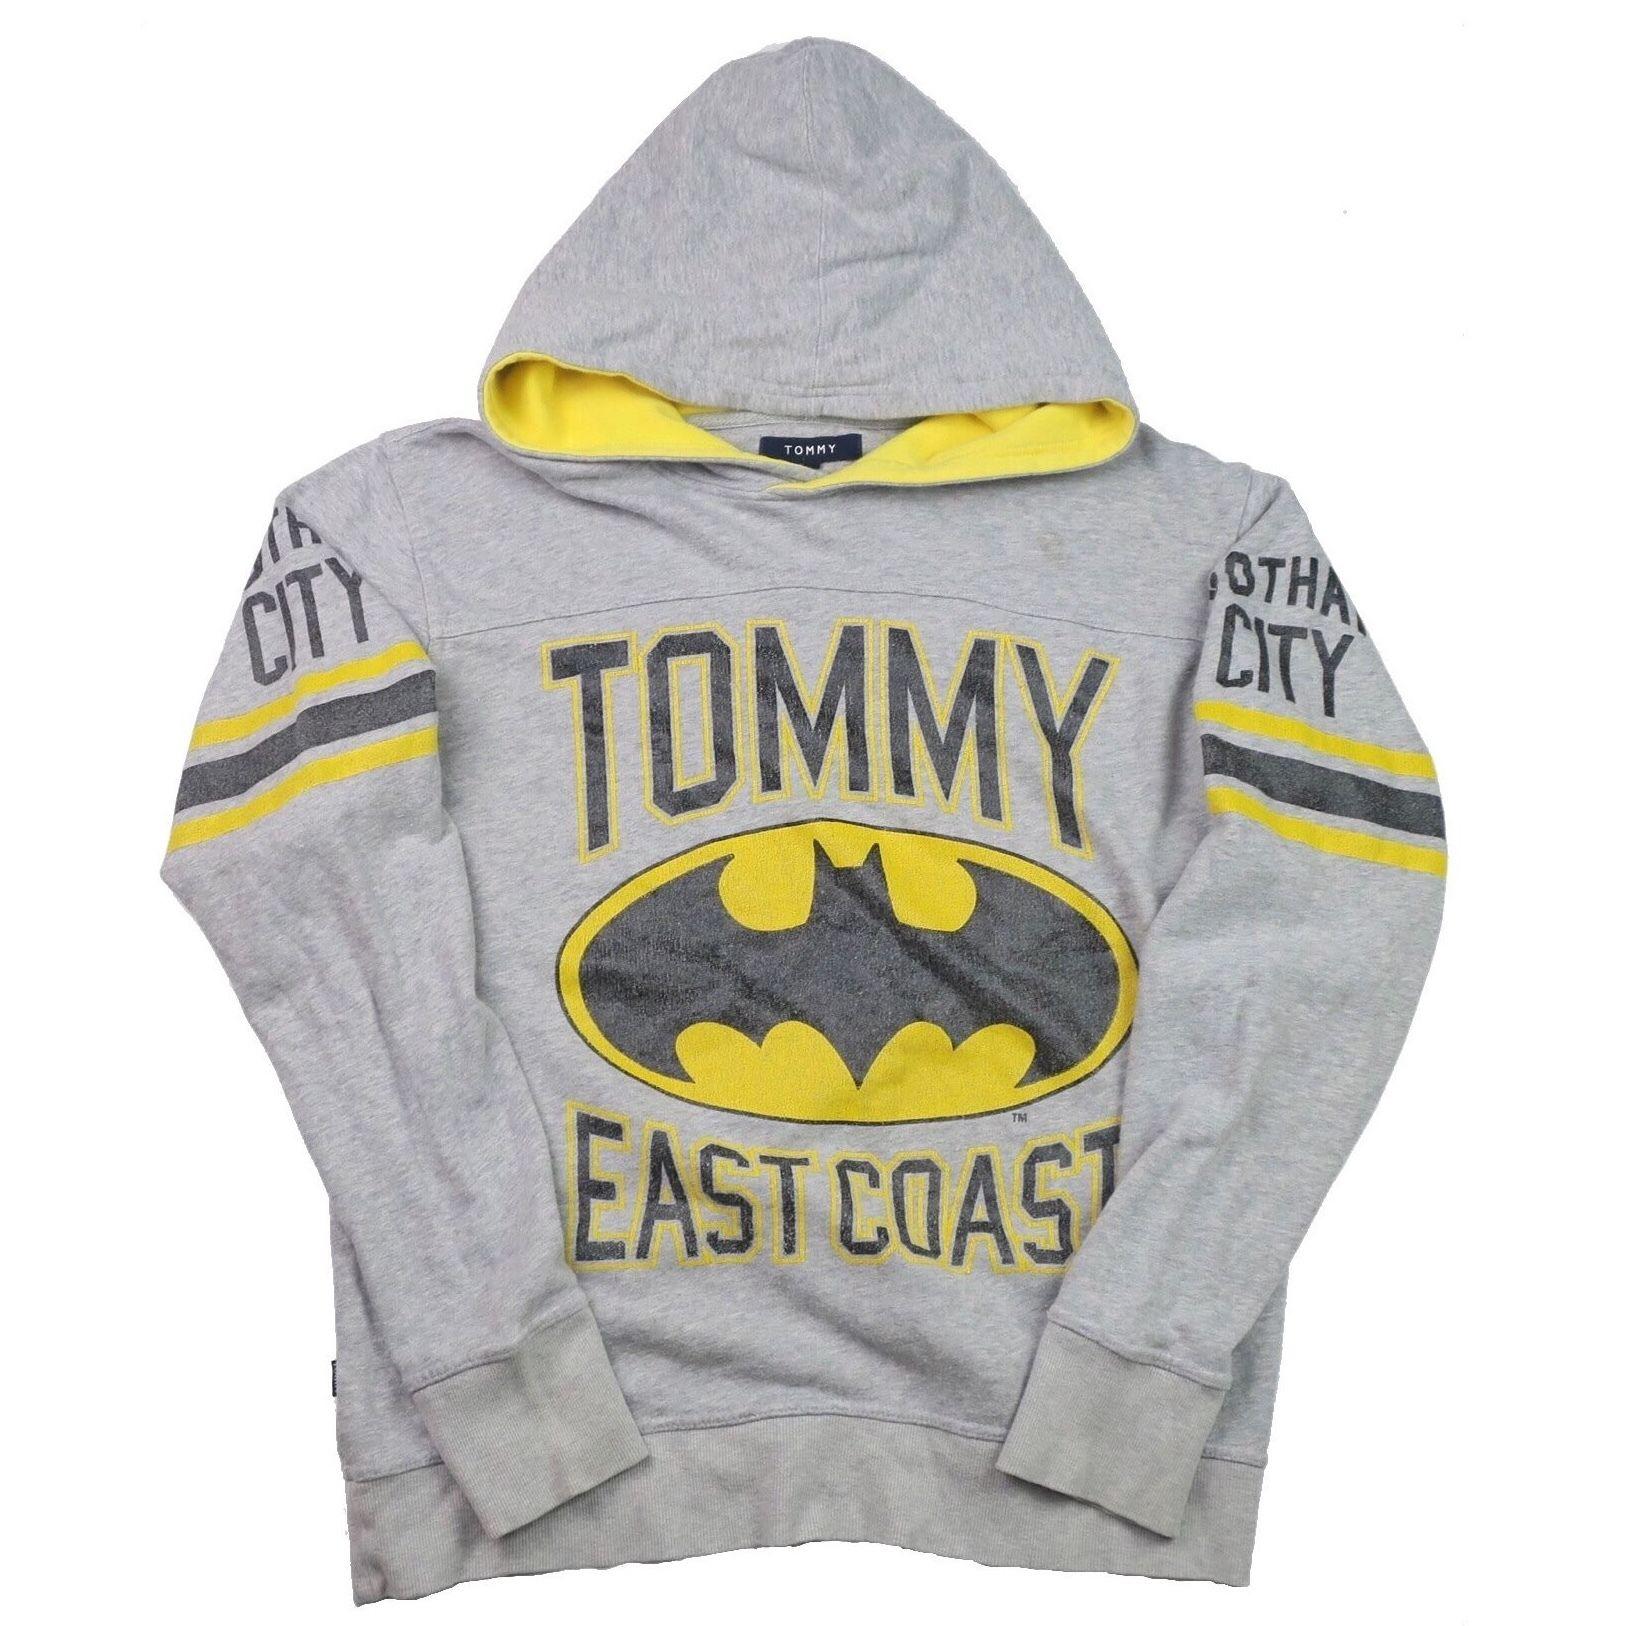 TOMMY HILFIGER(トミーヒルフィガー) バットマン プルオーバー パーカー